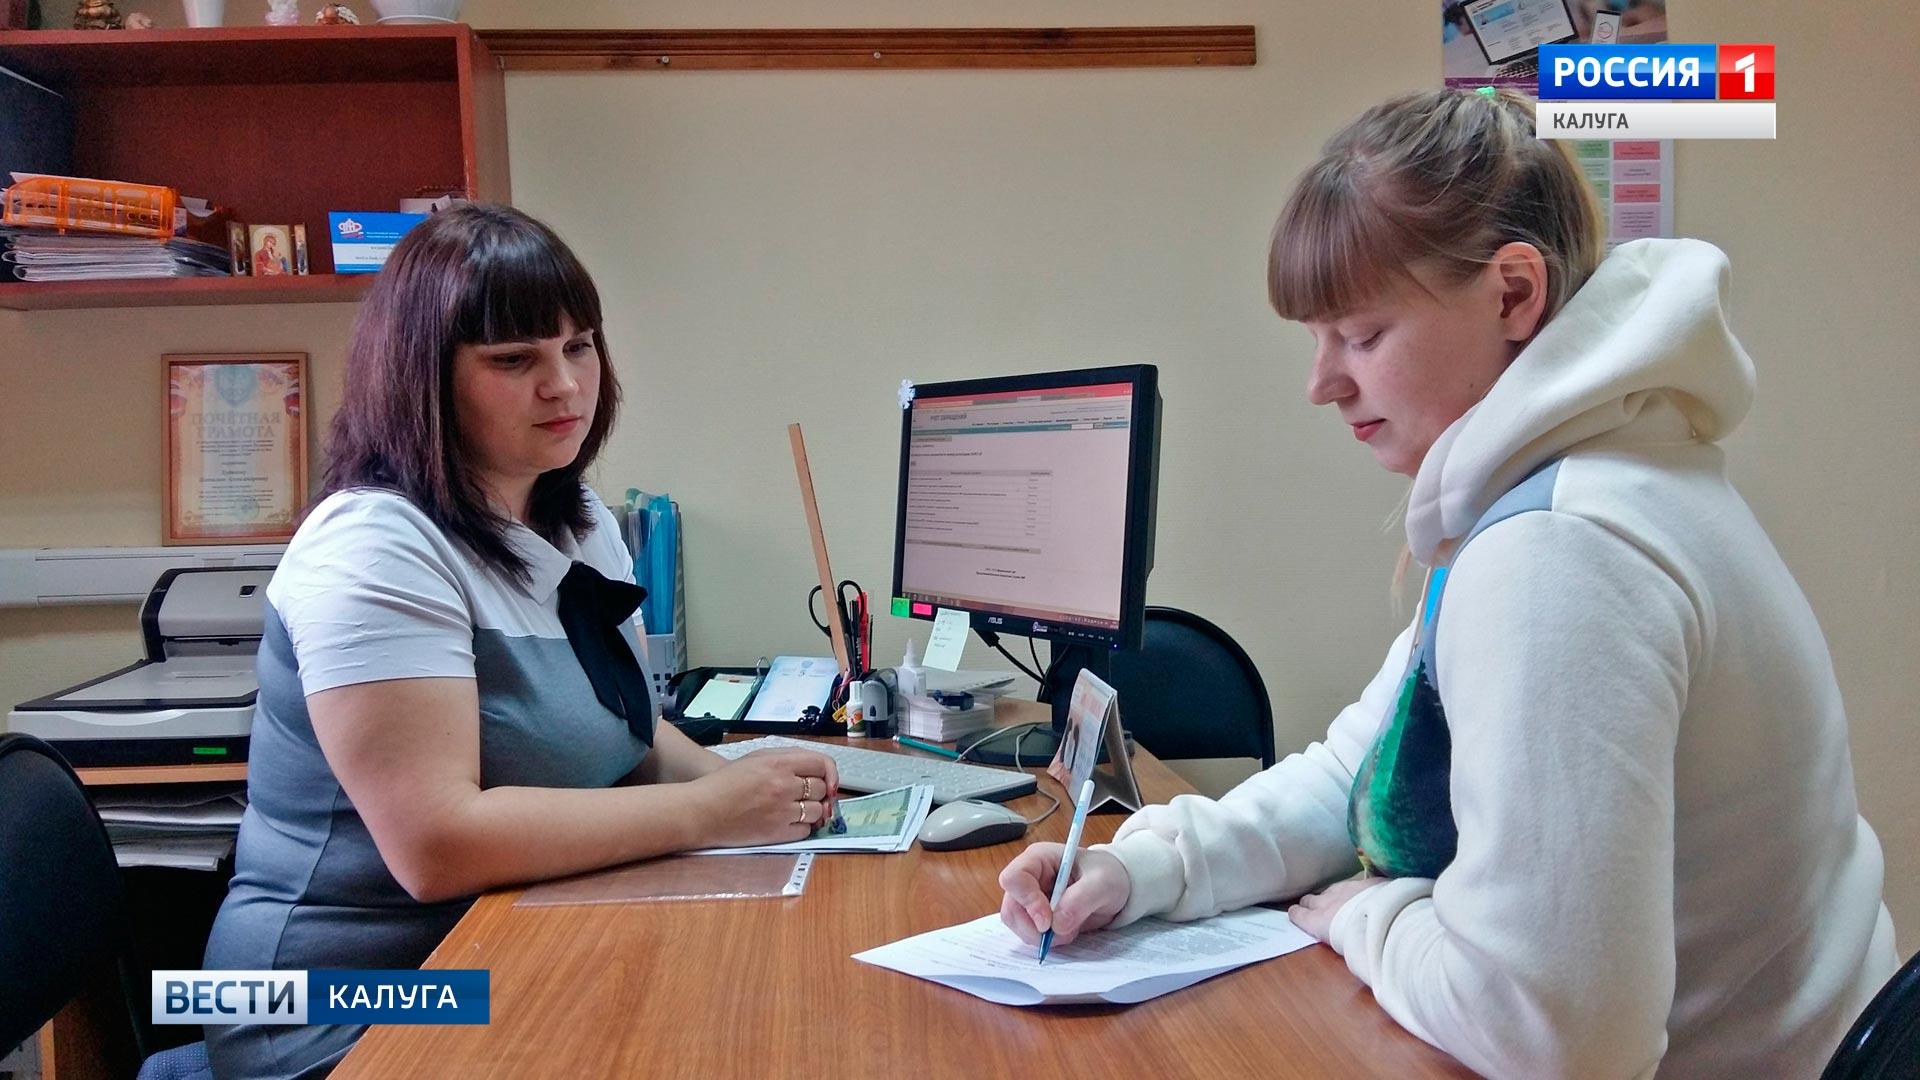 Ульяновские семьи могут оформить ежемесячные выплаты изматеринского капитала вМФЦ